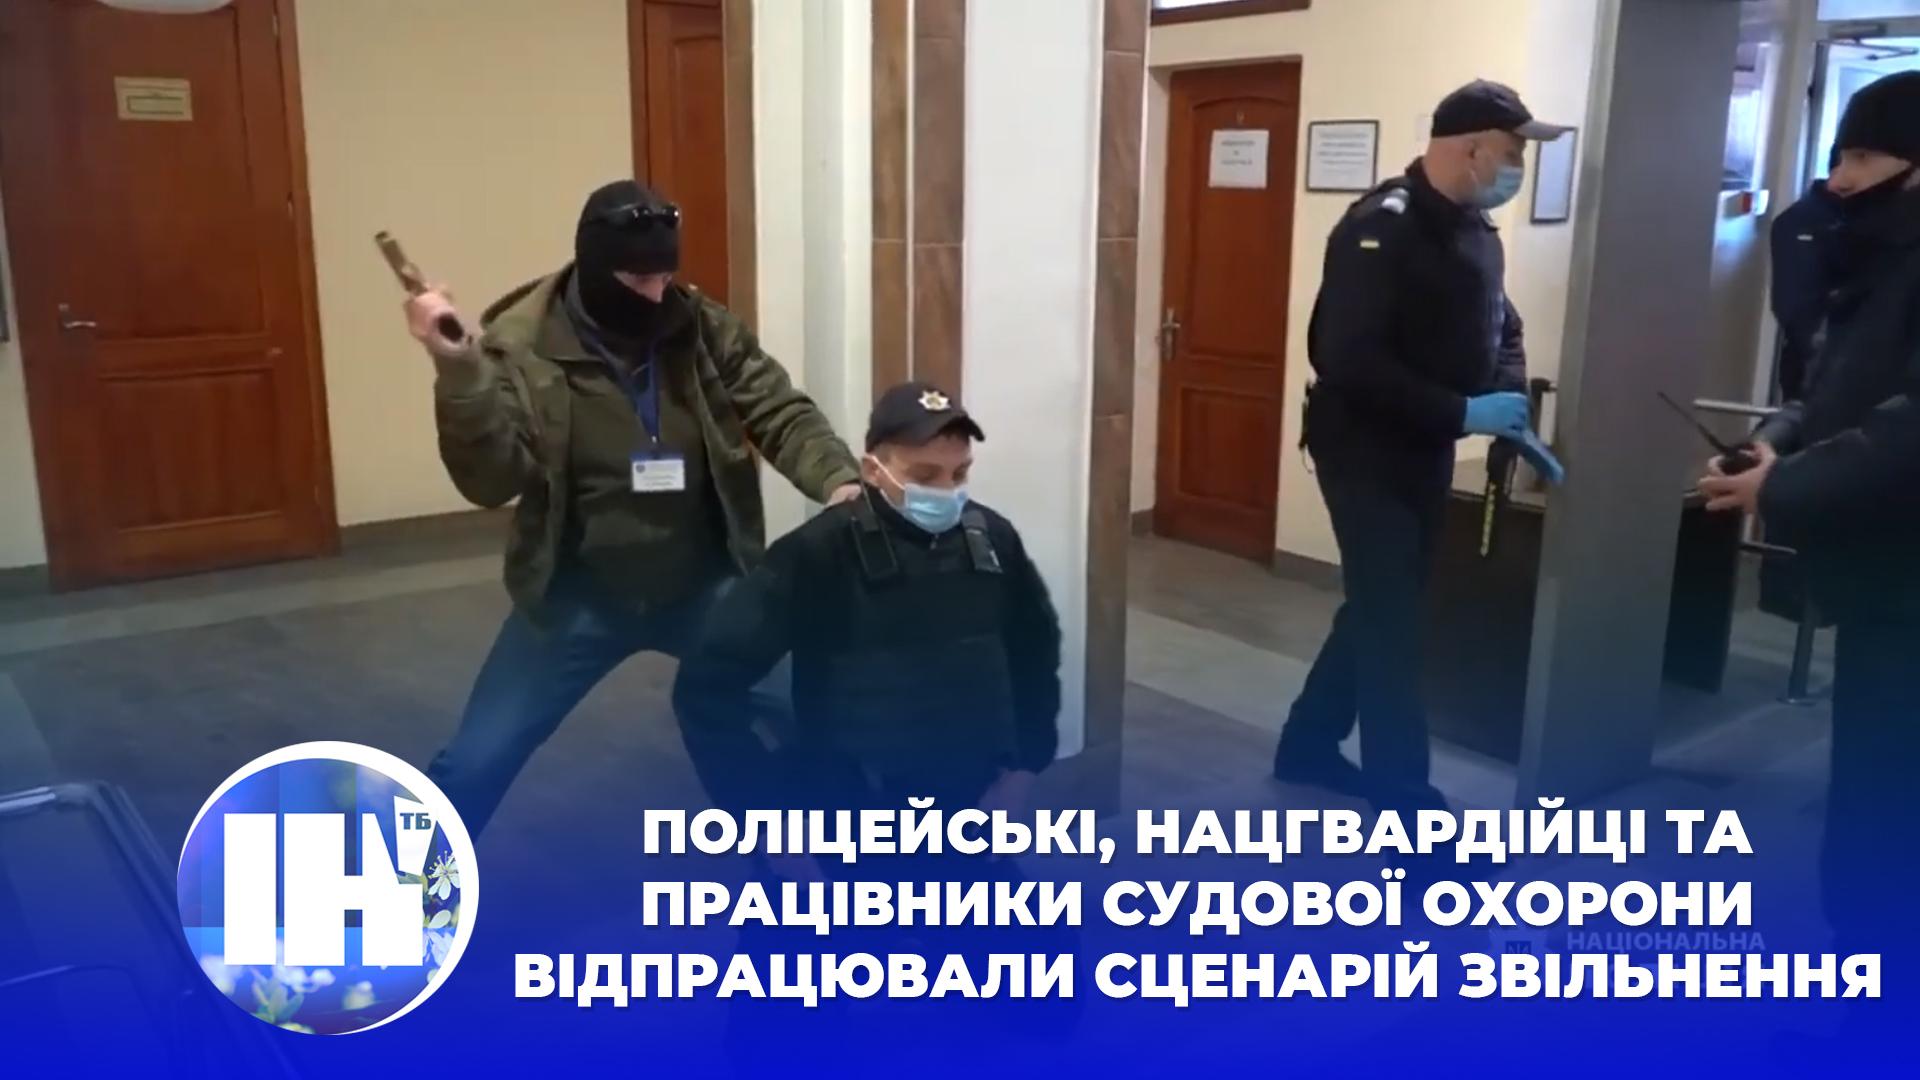 Заручники у суді: поліцейські, нацгвардійці та працівники судової охорони відпрацювали сценарій звільнення